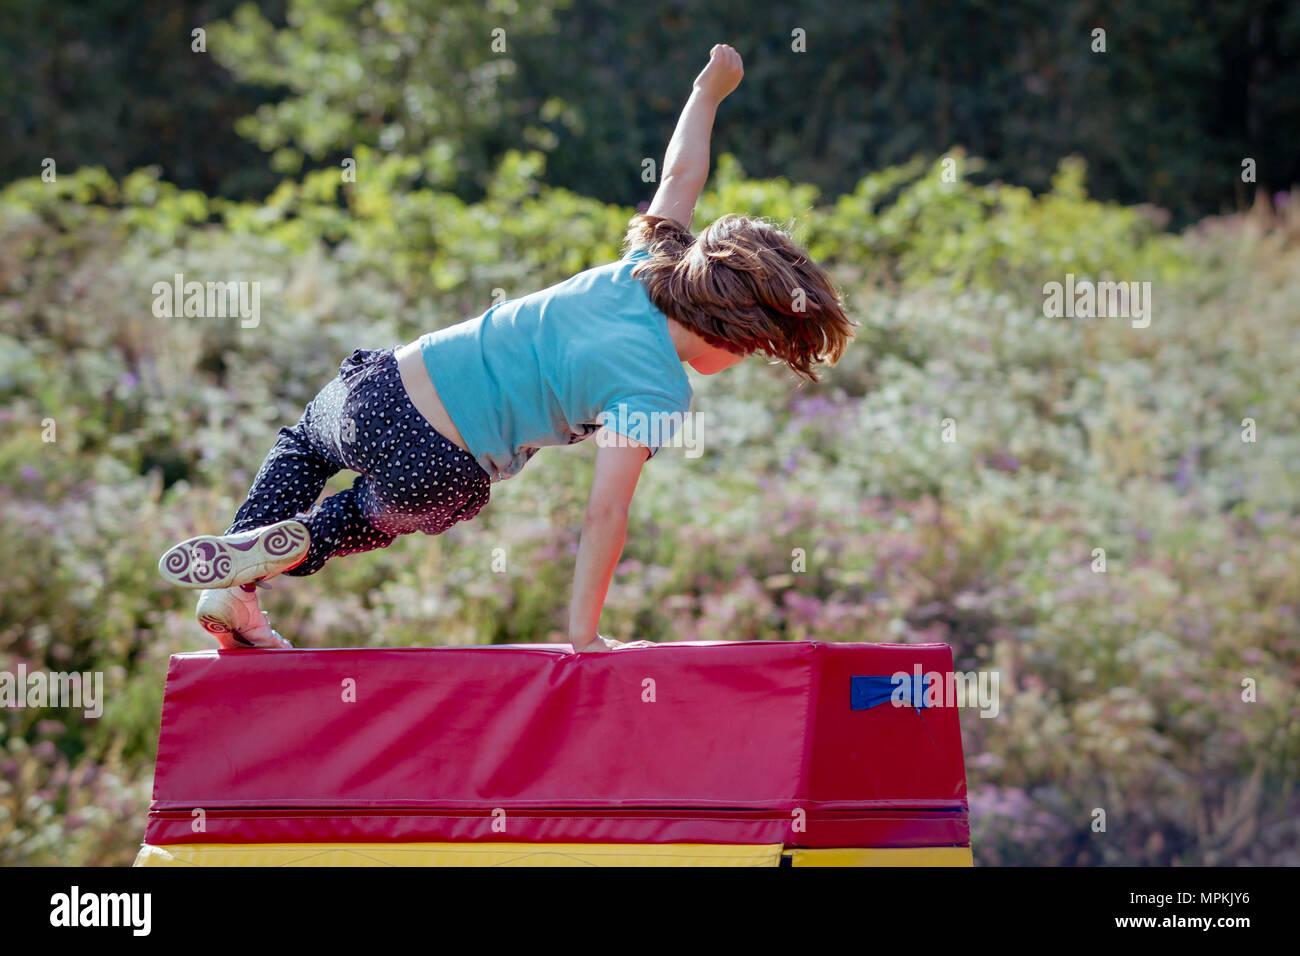 Petite fille pratique (pratique) en dehors de la gymnastique sur cheval de saut Photo Stock